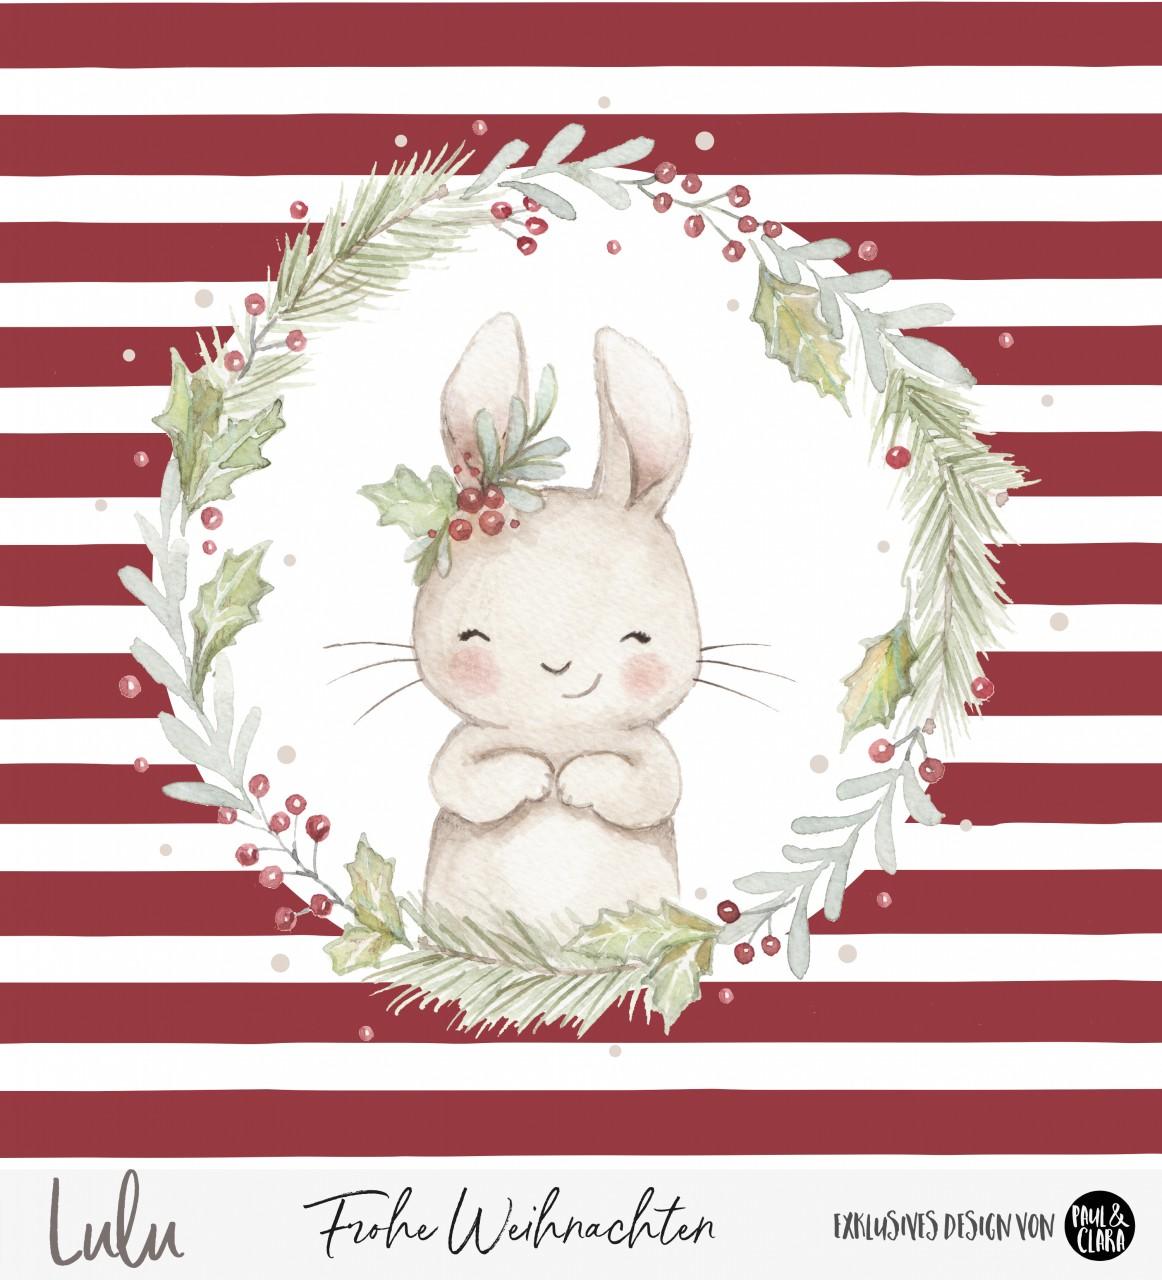 Lulu Weihnachten - Panel Rot 60 cm *Bio-Sommersweat*